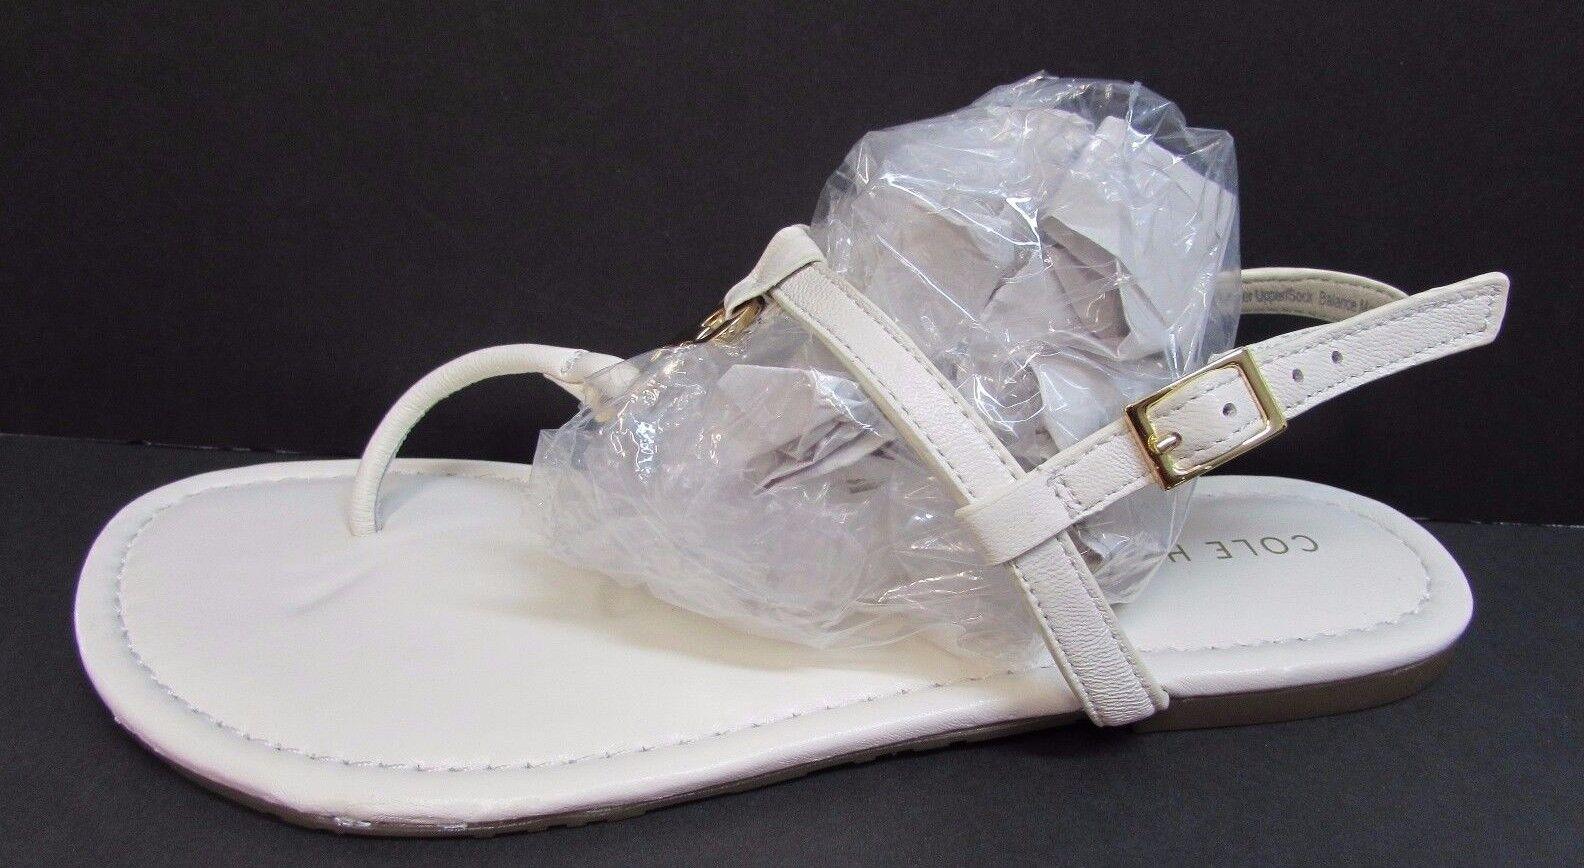 Cole Haan Größe 7.5 WEISS Leder Sandales NEU Damenschuhe Schuhes